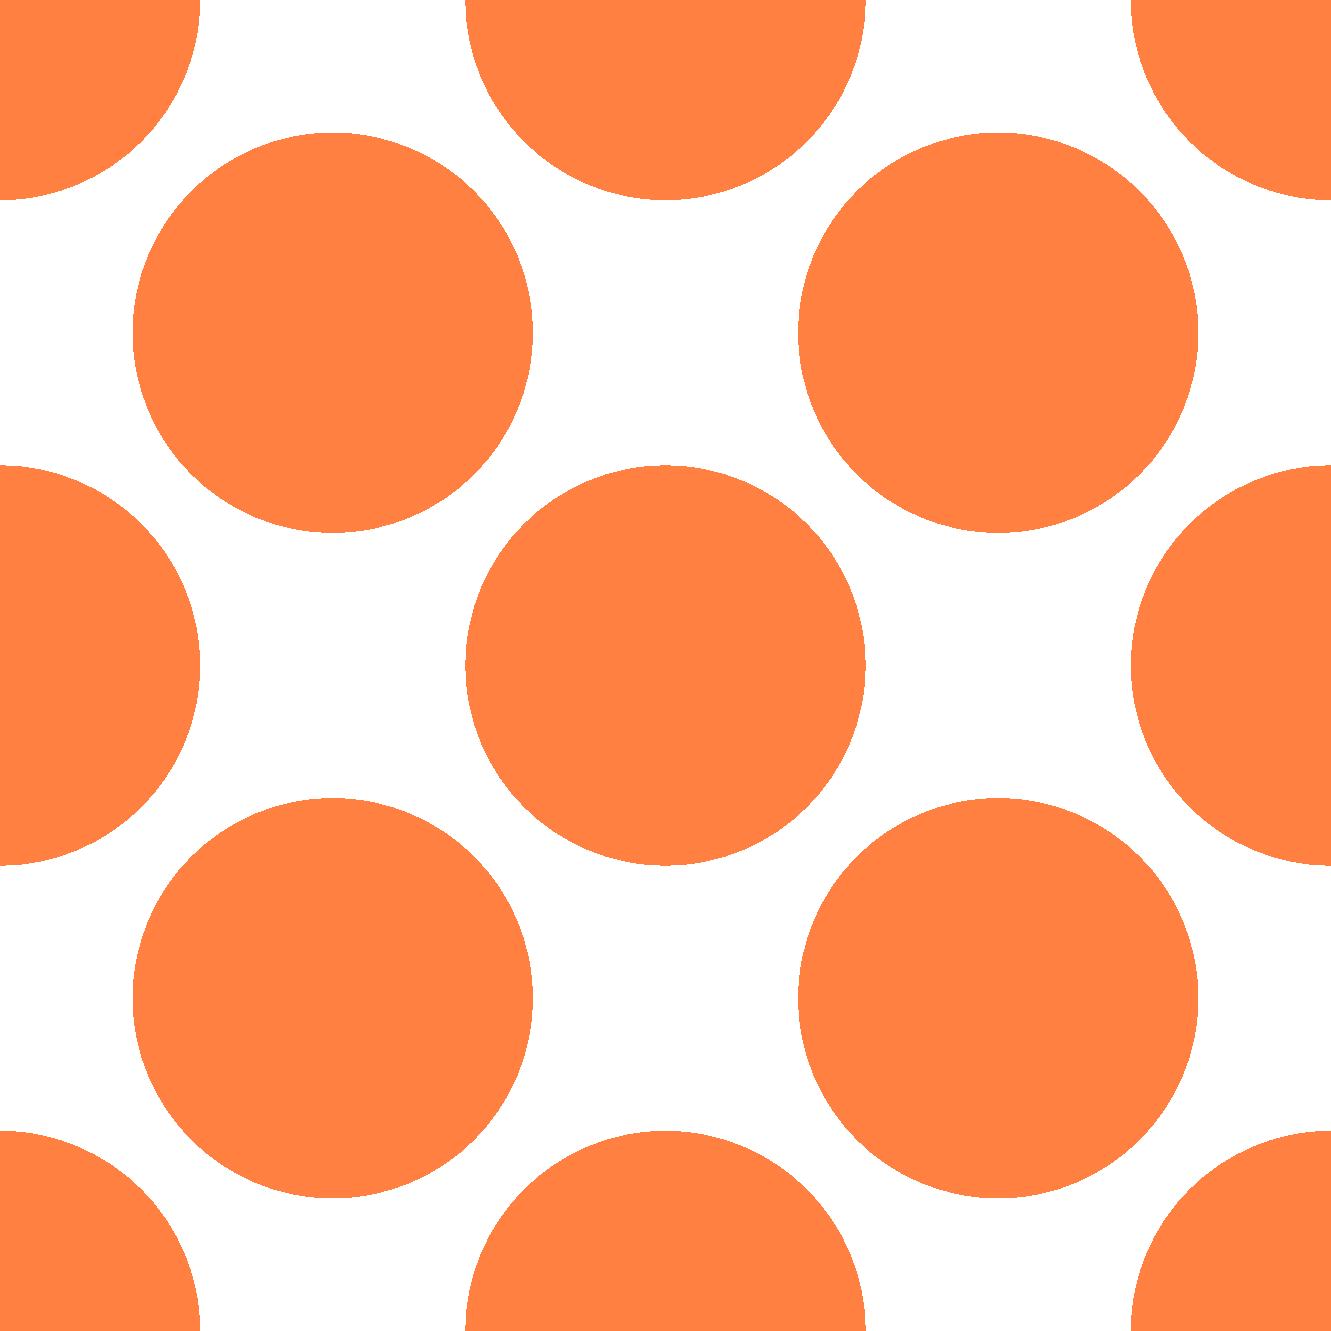 Polka dots pattern png - photo#19